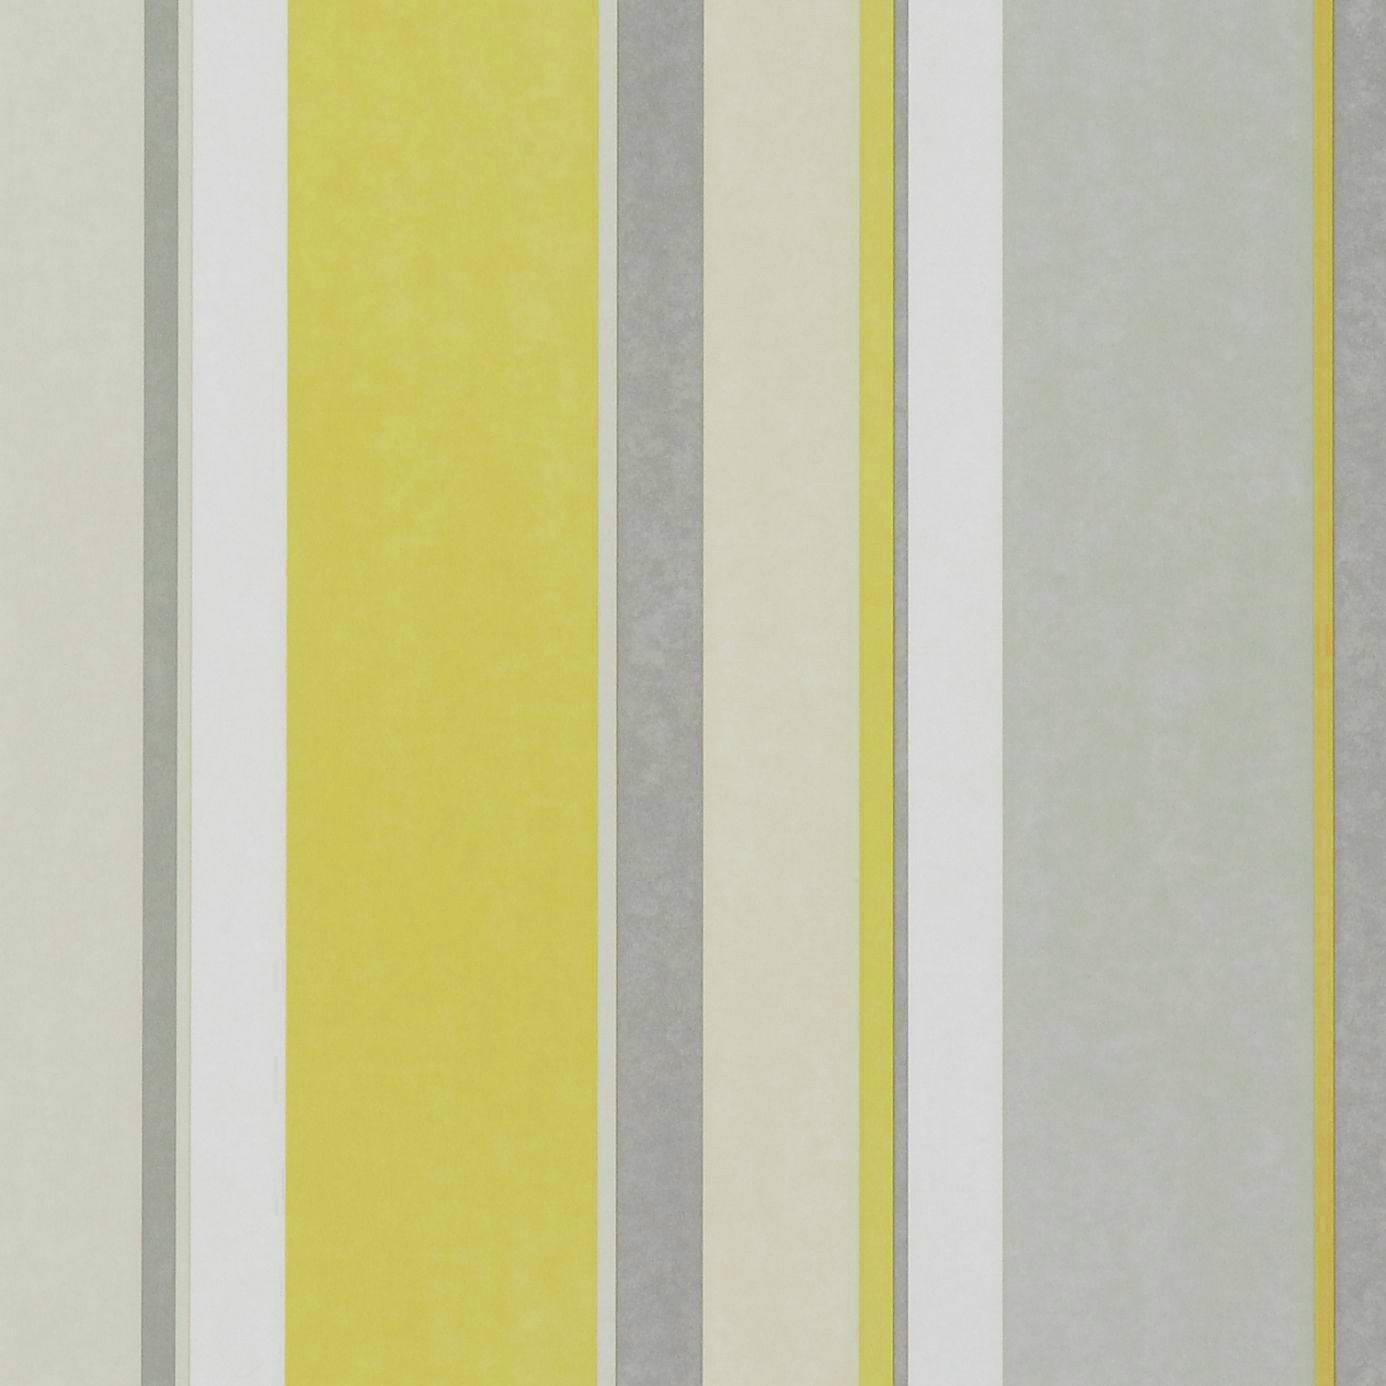 Wallpapers Bella Stripe Wallpaper   Pale LimeGreySilver   110045 1386x1386